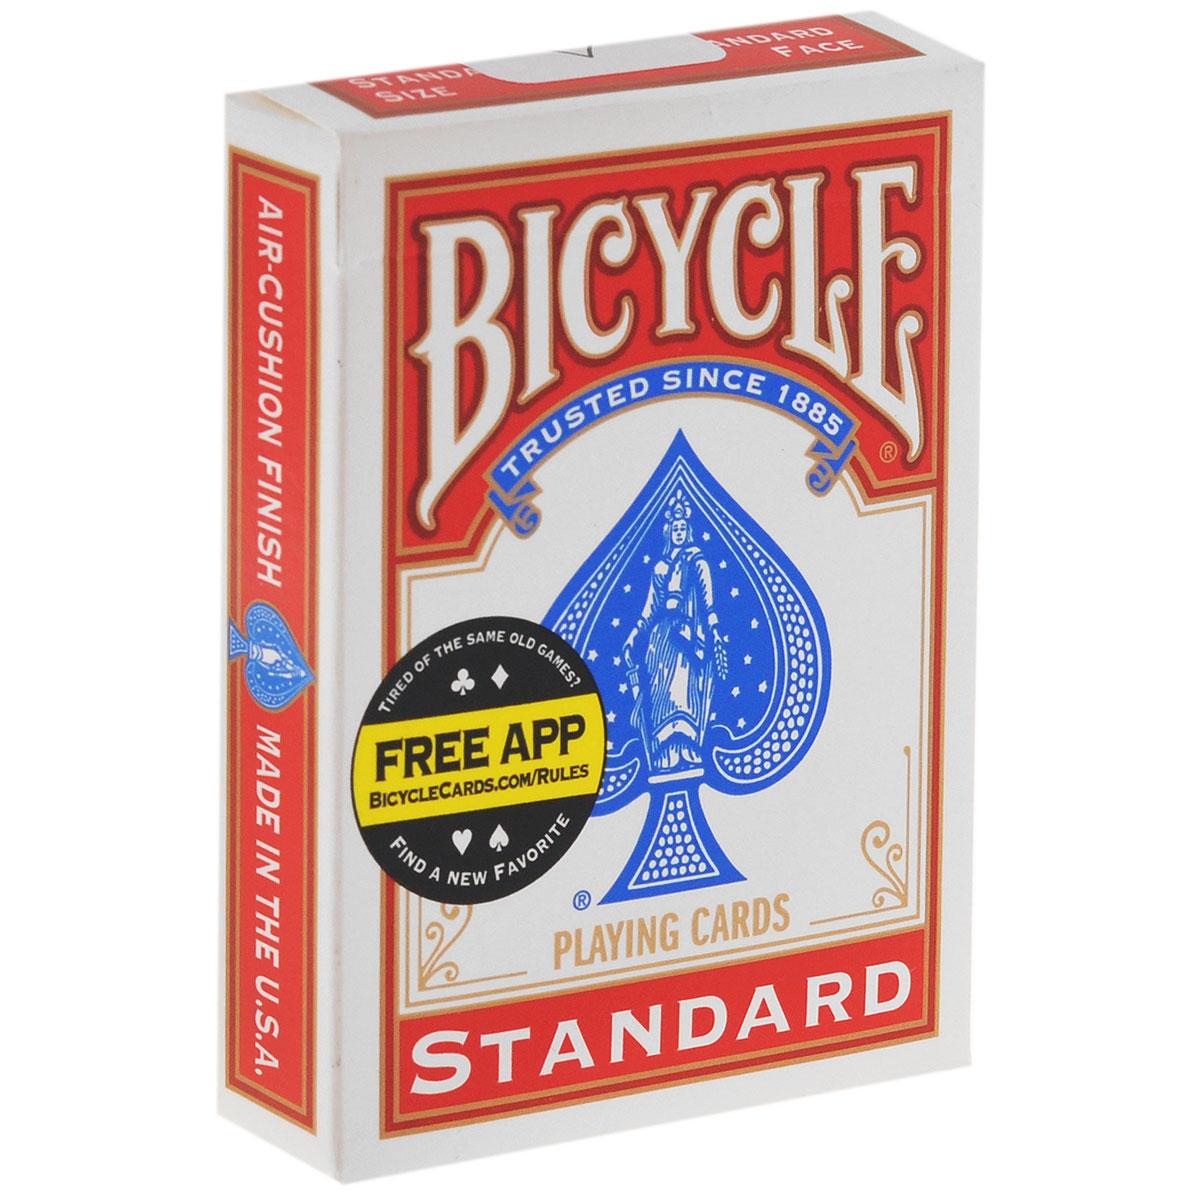 Карты для фокусов Bicycle Svengali, цвет: красный, белый, 52 штК-119Карты для фокусов Bicycle Svengali, изготовлены из картона с пластиковым покрытием. Колода имеет классический покерный размер и дизайн, создана на основе колоды Bicycle Standard. Вы показываете колоду - все карты в ней разные. Дайте зрителю выбрать карту...и! Вся колода состоит из карт которую выбрал зритель. Невероятный эффект! Колода проста в обращении. Позволяет исполнить множество других трюков. Обращаем ваше внимание! Данный комплект карт поставляется без заводской целлофановой упаковки, что является особенностью всех карт для фокусов.